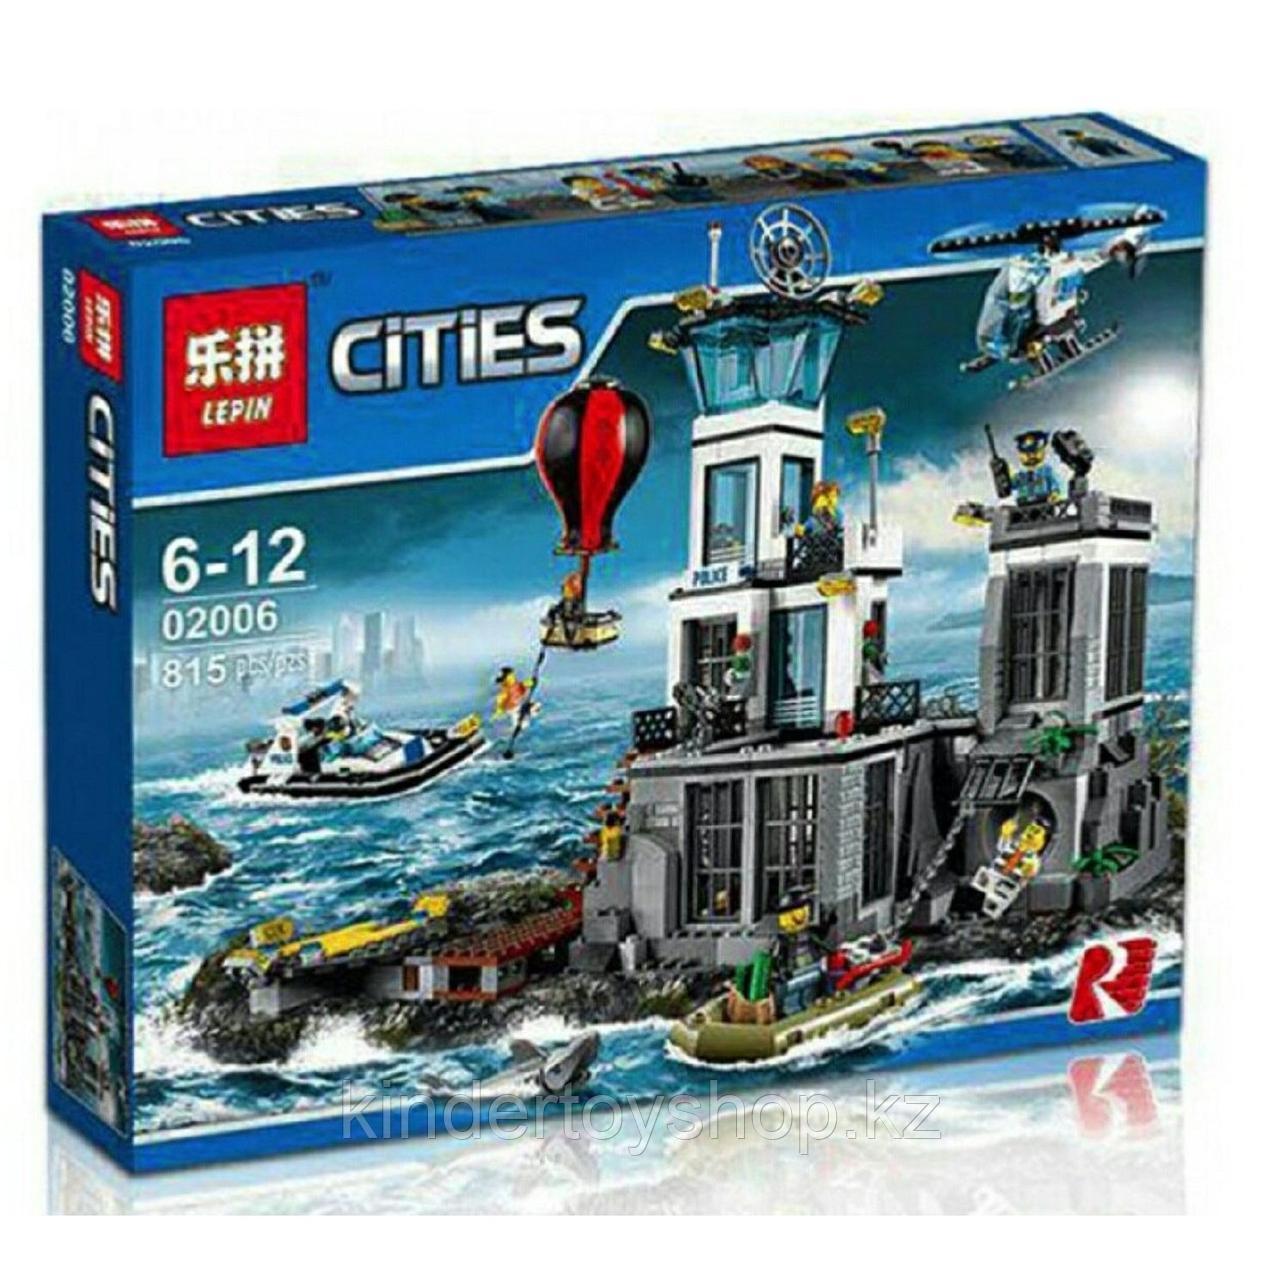 Конструктор LEPIN 02006 CITY ОСТРОВ ТЮРЬМА (аналог LEGO 60130) 815 деталей